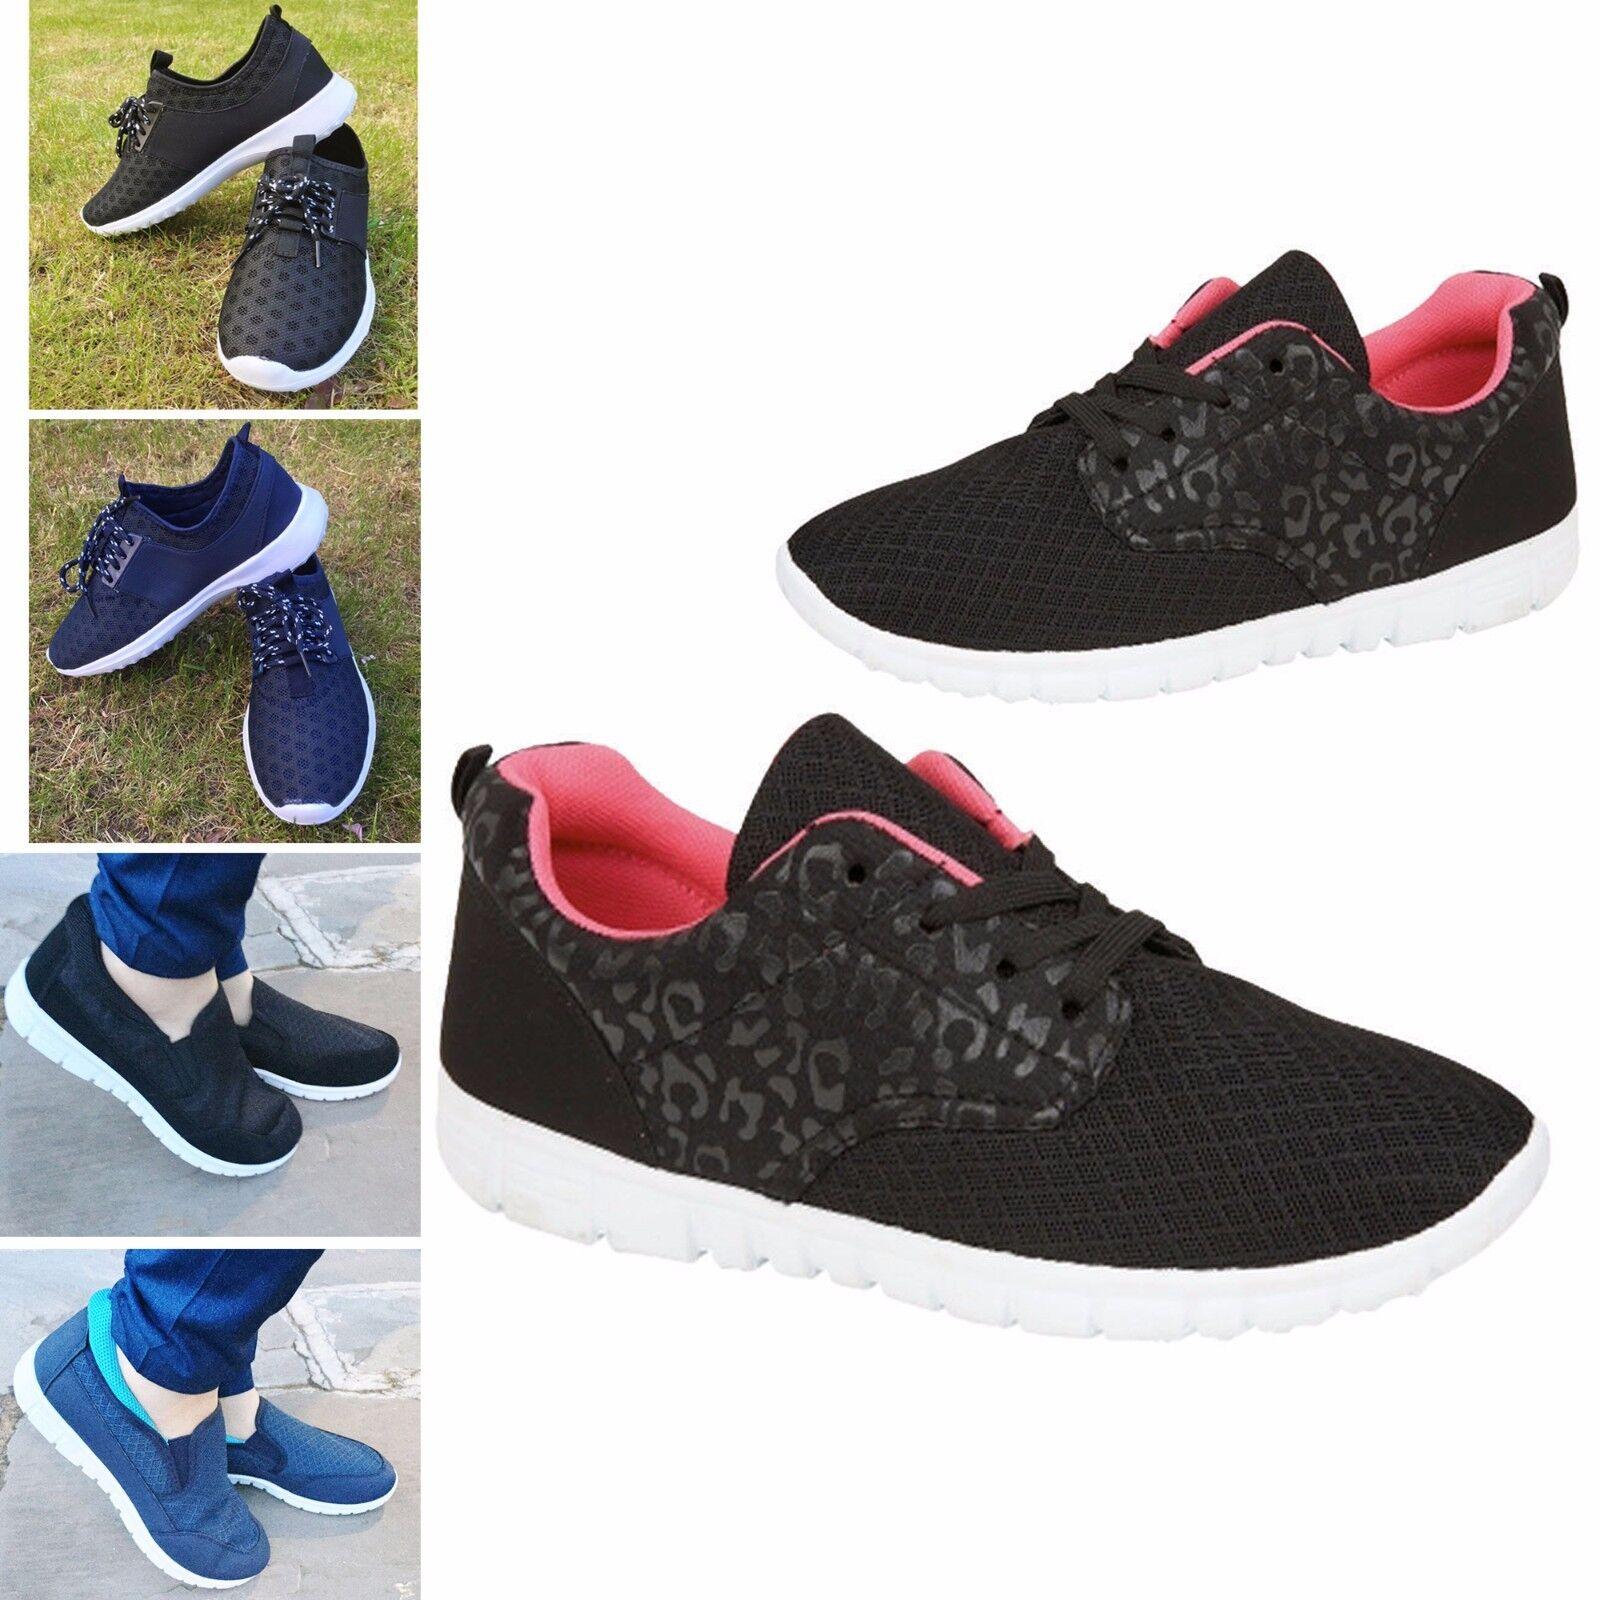 À Chaussures Running Fashion Baskets Femmes Mémoire De Mousse Léger 5L3j4ARq